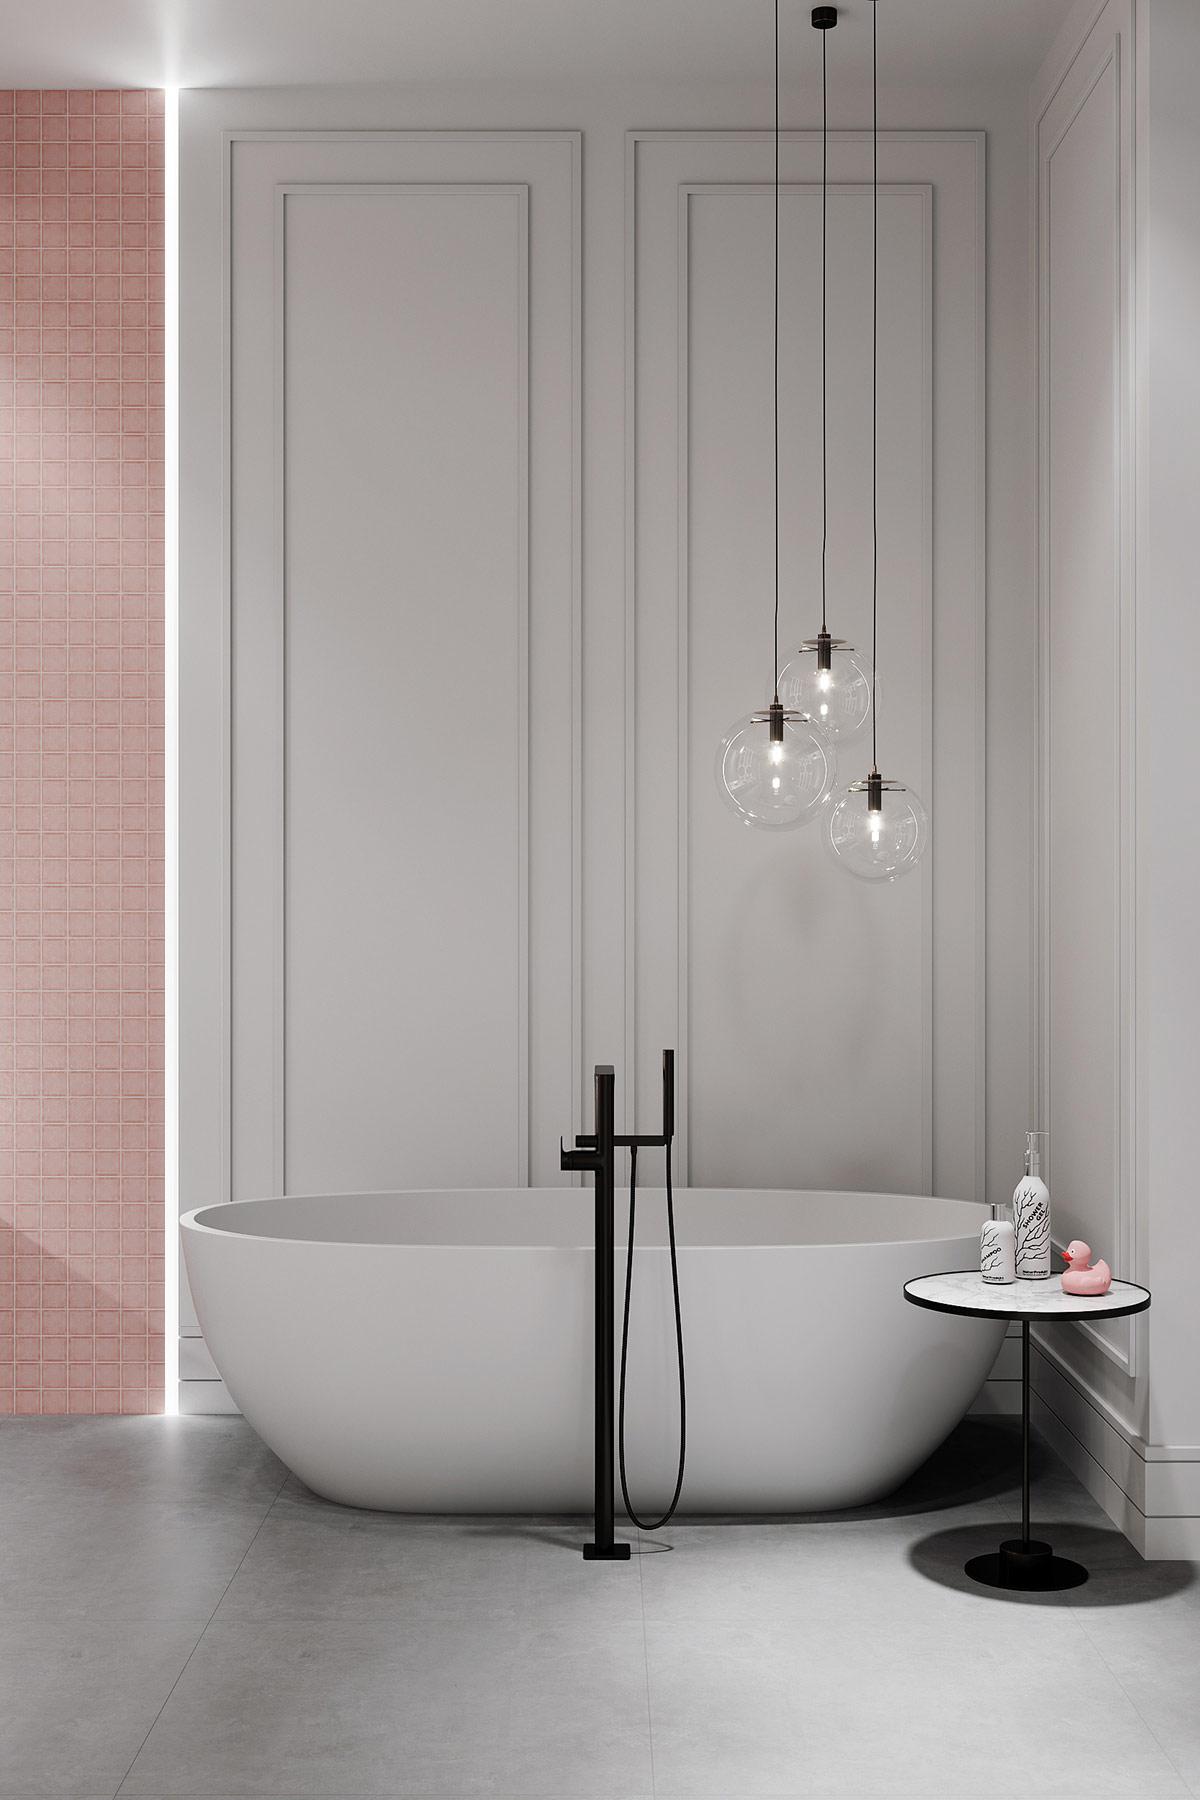 black-bath-faucet